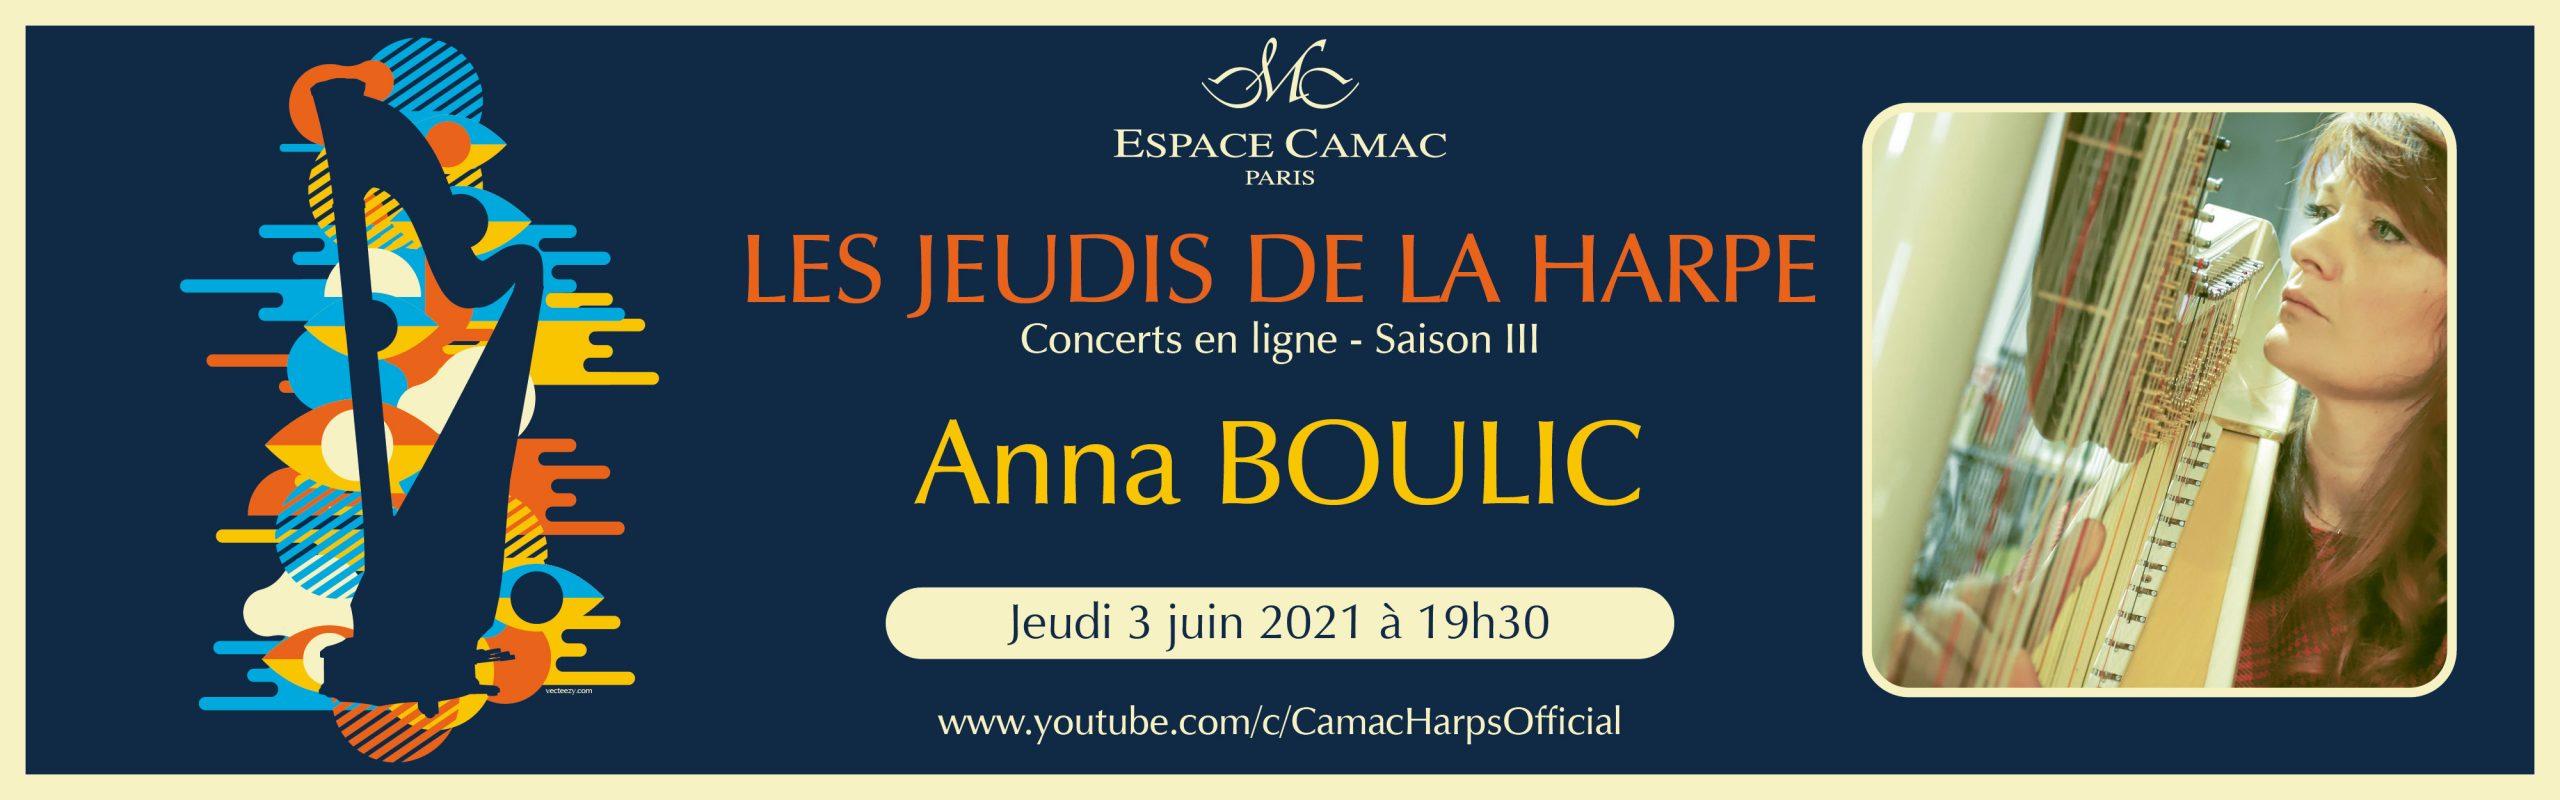 Les Jeudis de la Harpe : Anna Boulic